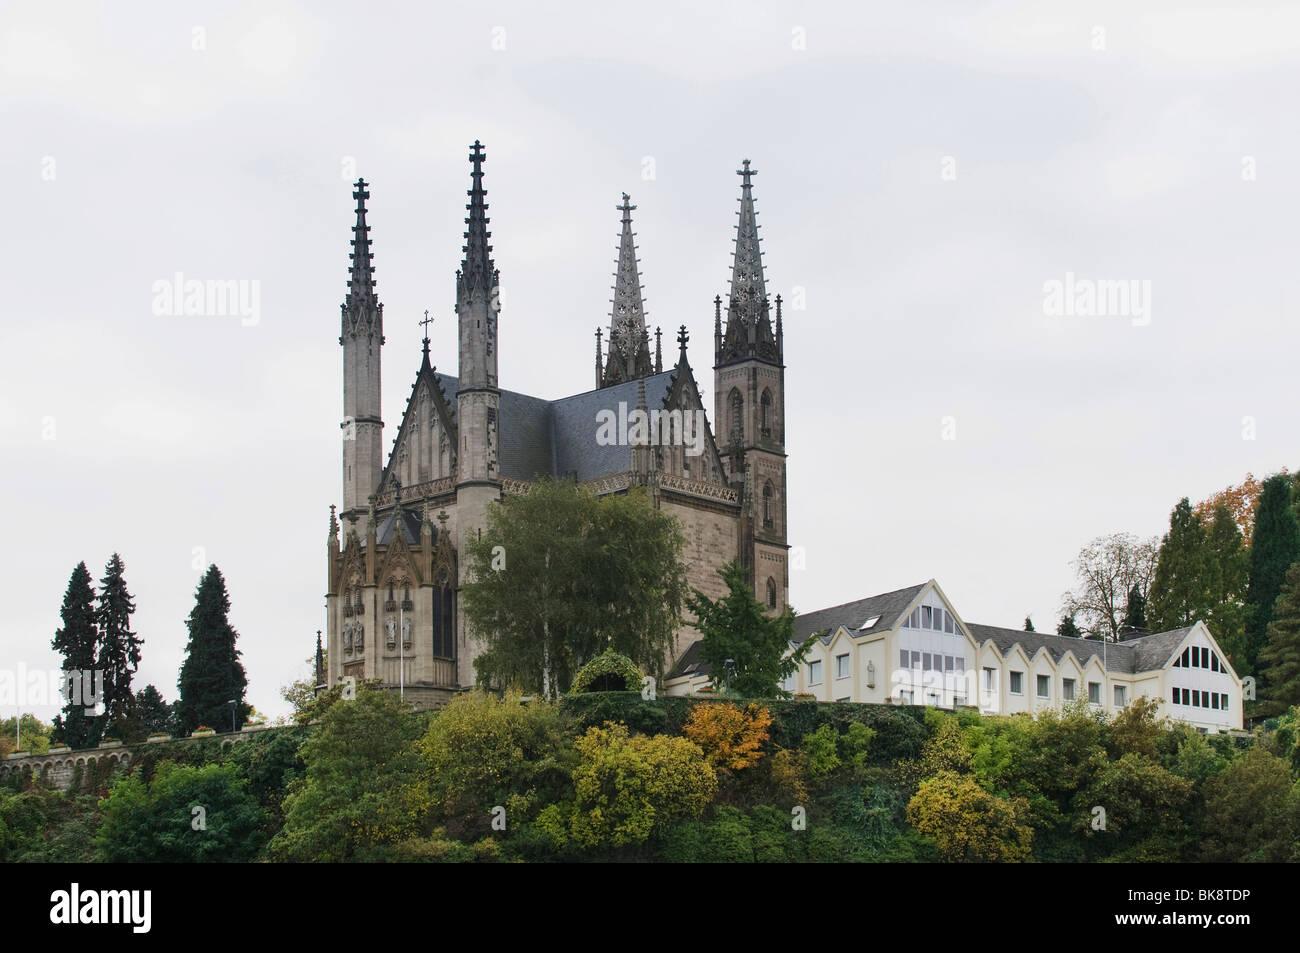 Wallfahrt der St. Apollinaris mit landwirtschaftlichen Gebäuden, Remagen, Rheinland-Pfalz, Deutschland, Europa Stockbild